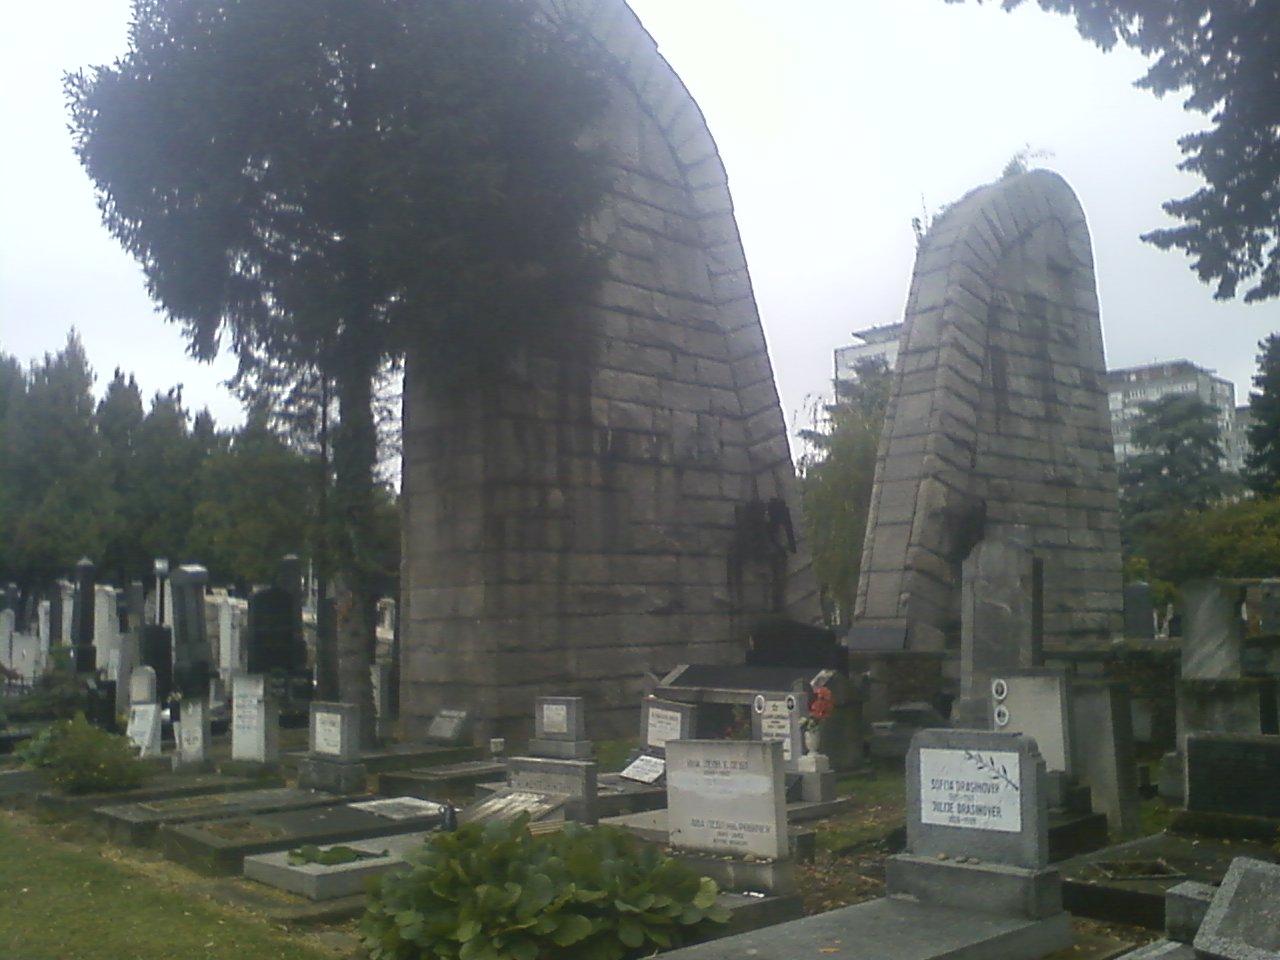 מונומנט דמוי לוחות הברית בבית הקברות היהודי